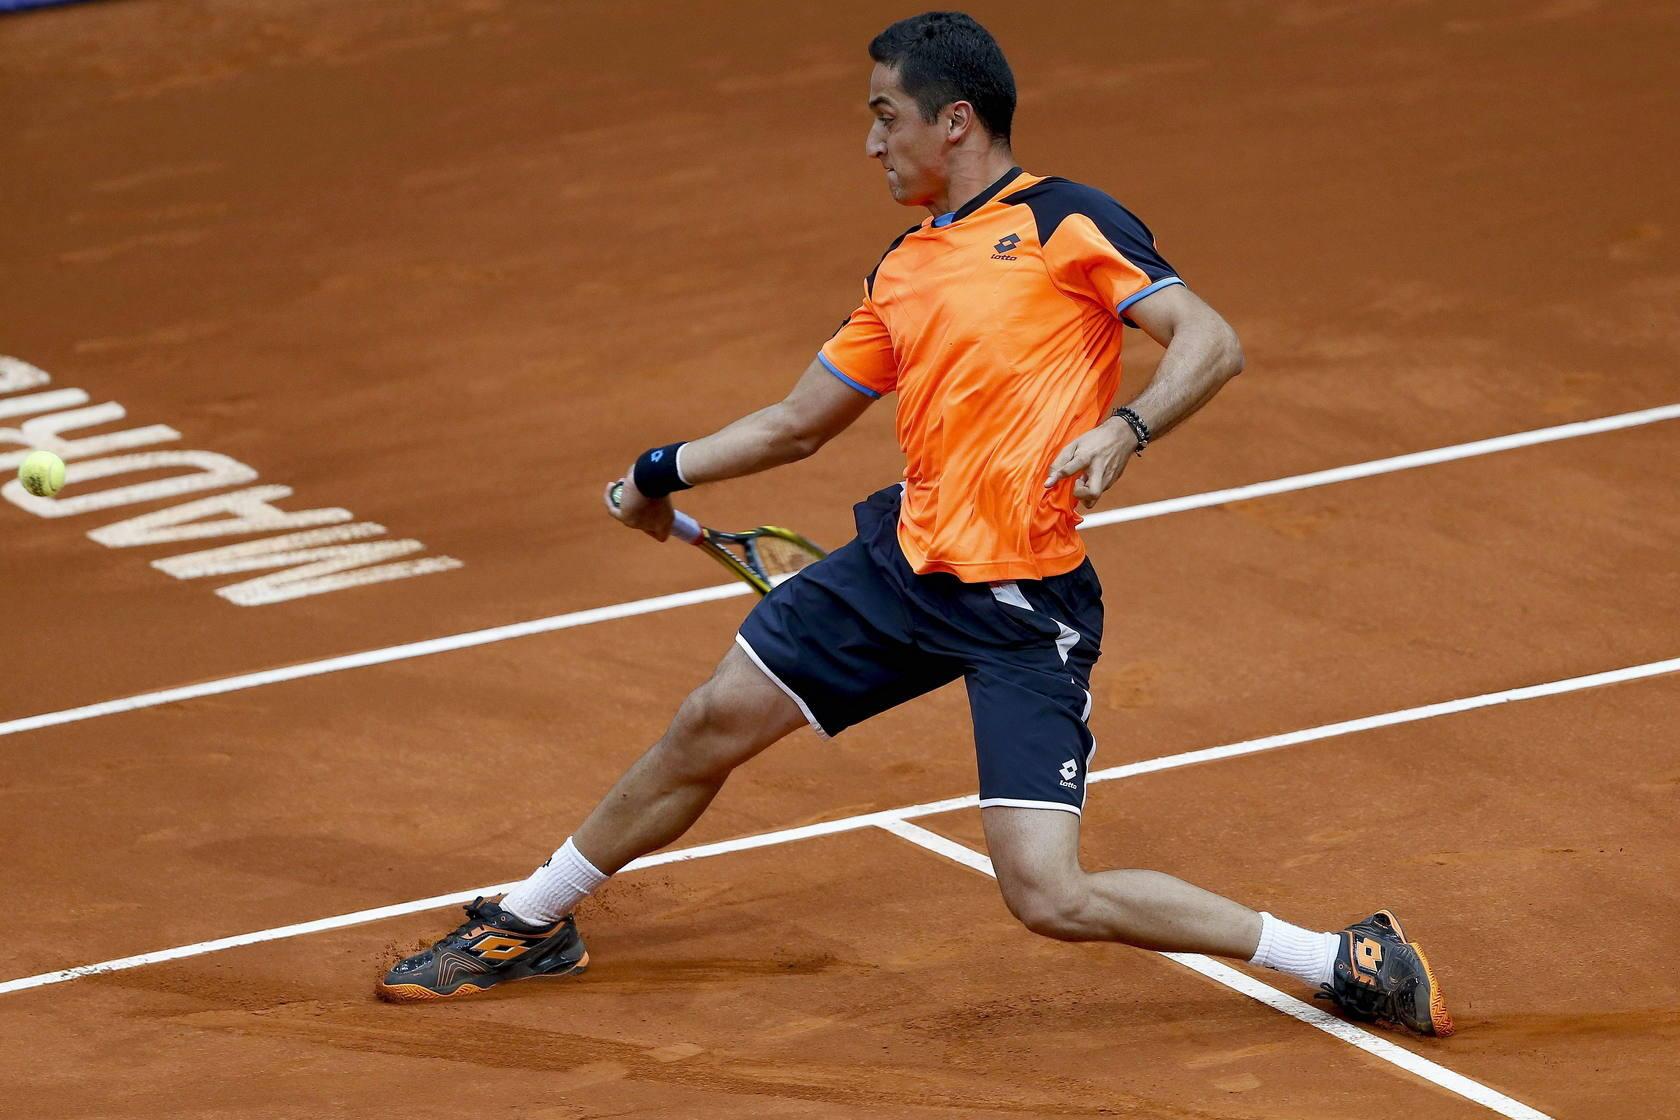 Almagro en el Open de Tenis de Madrid 2013